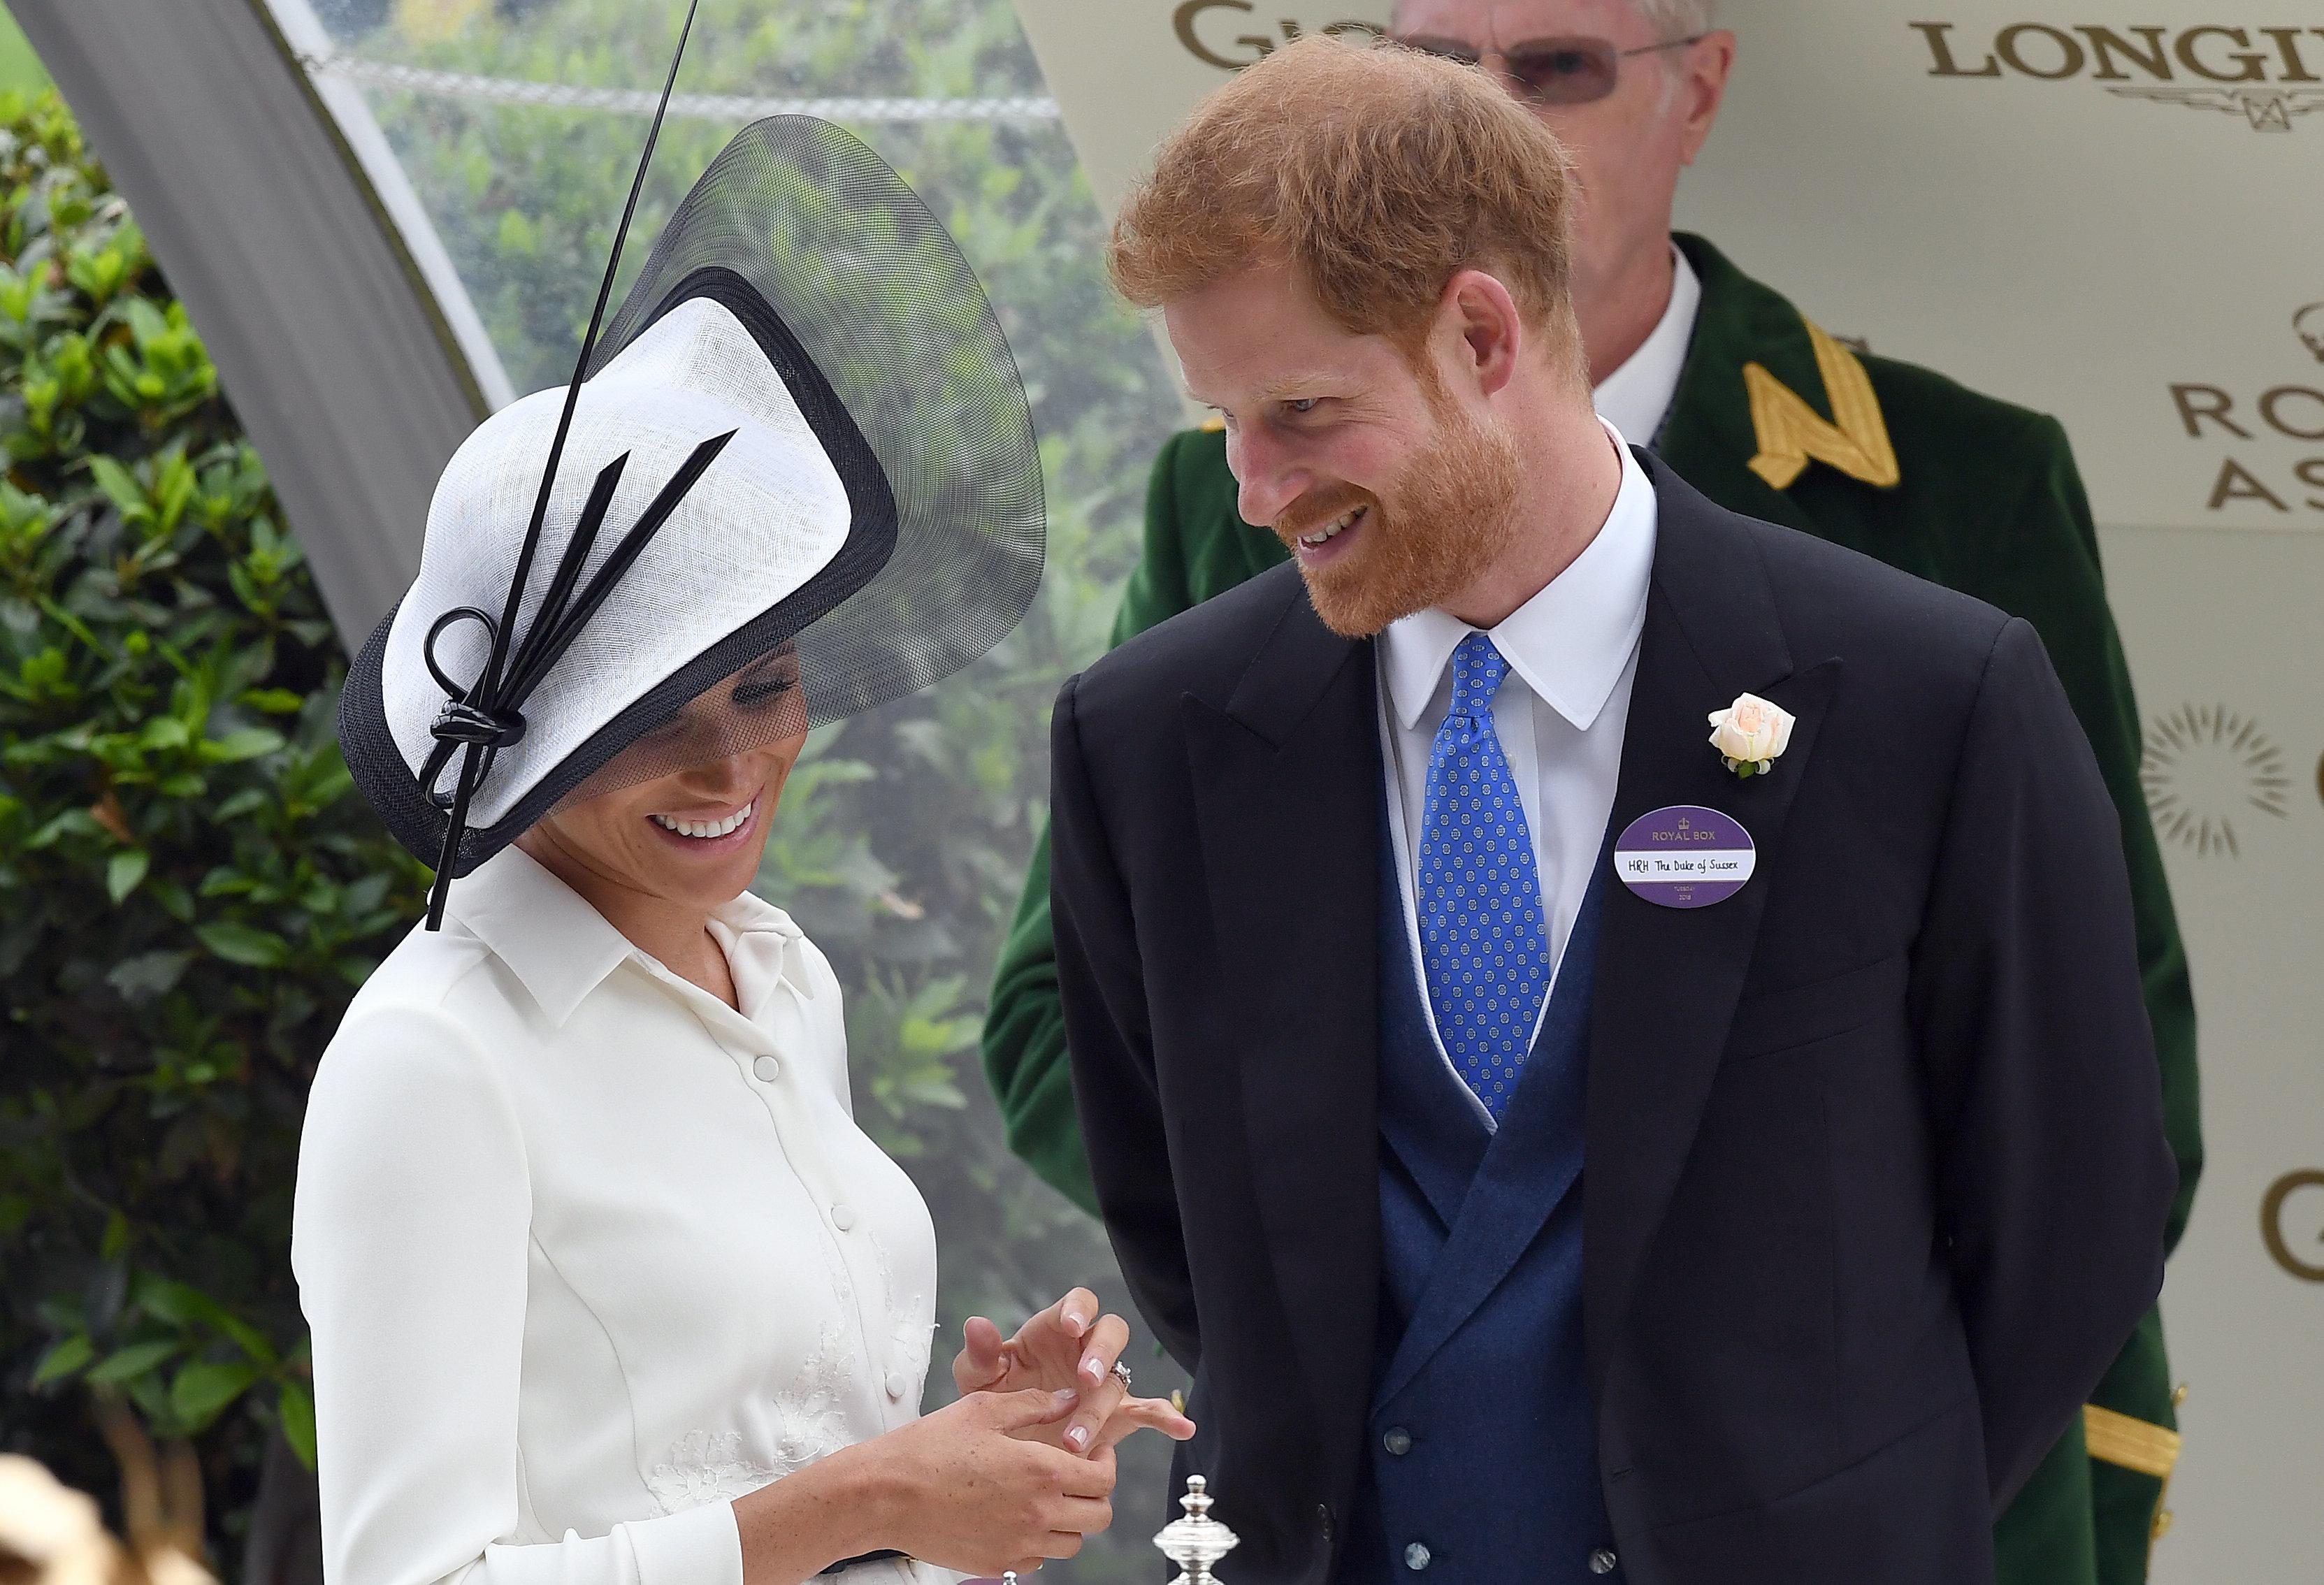 Herzogin Meghan bricht royale Tradition, weil sie Prinz Harry nah sein möchte